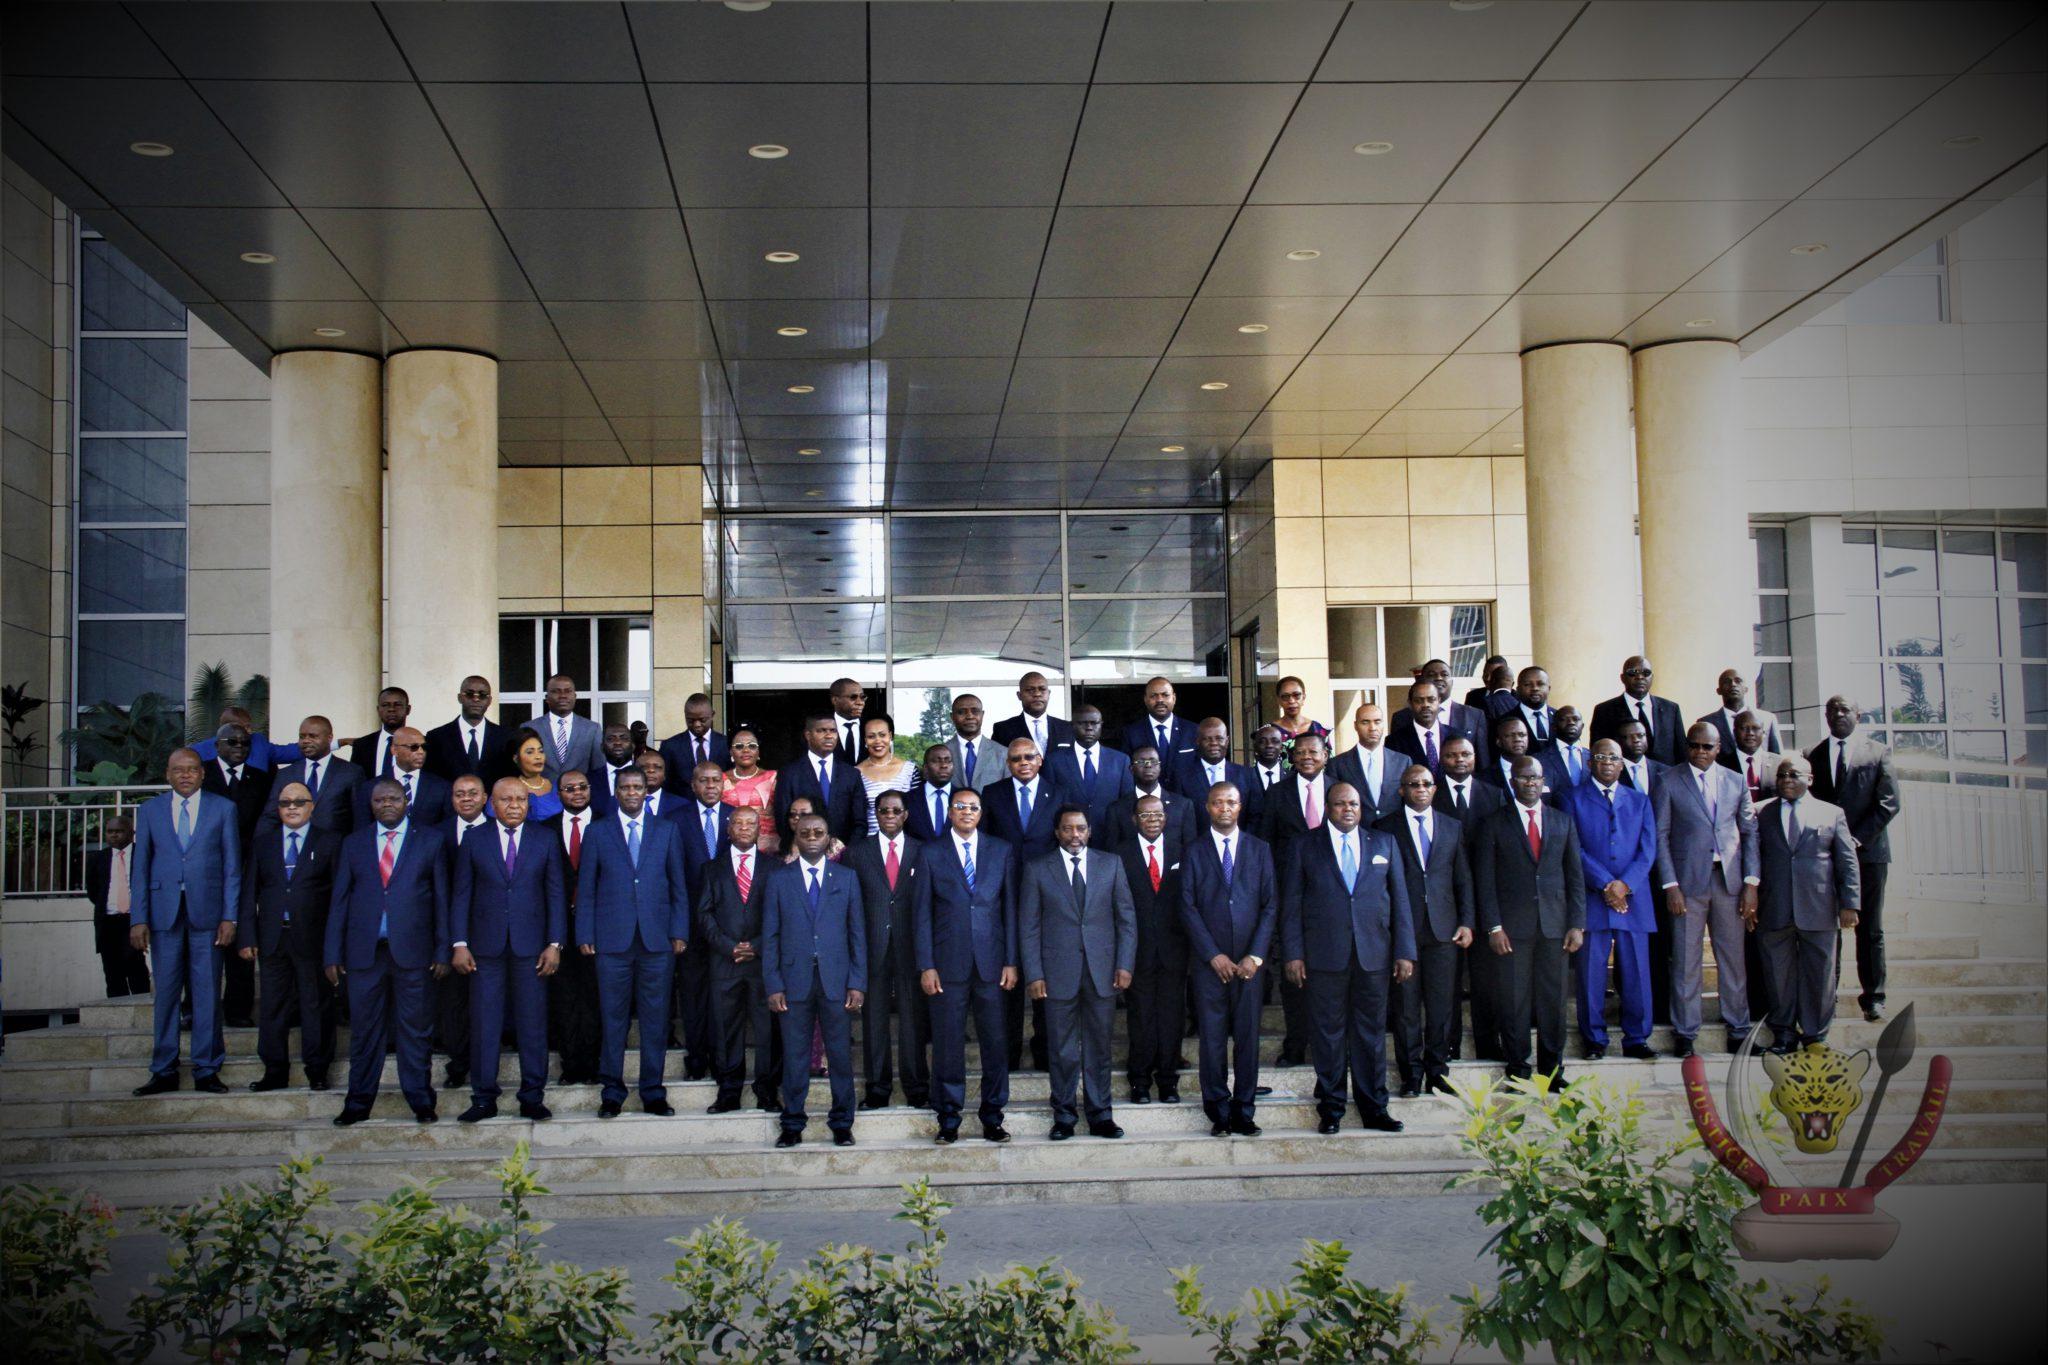 RDC : Augmentation légère des salaires des fonctionnaires de l'Etat décidée en Conseil des Ministres 1